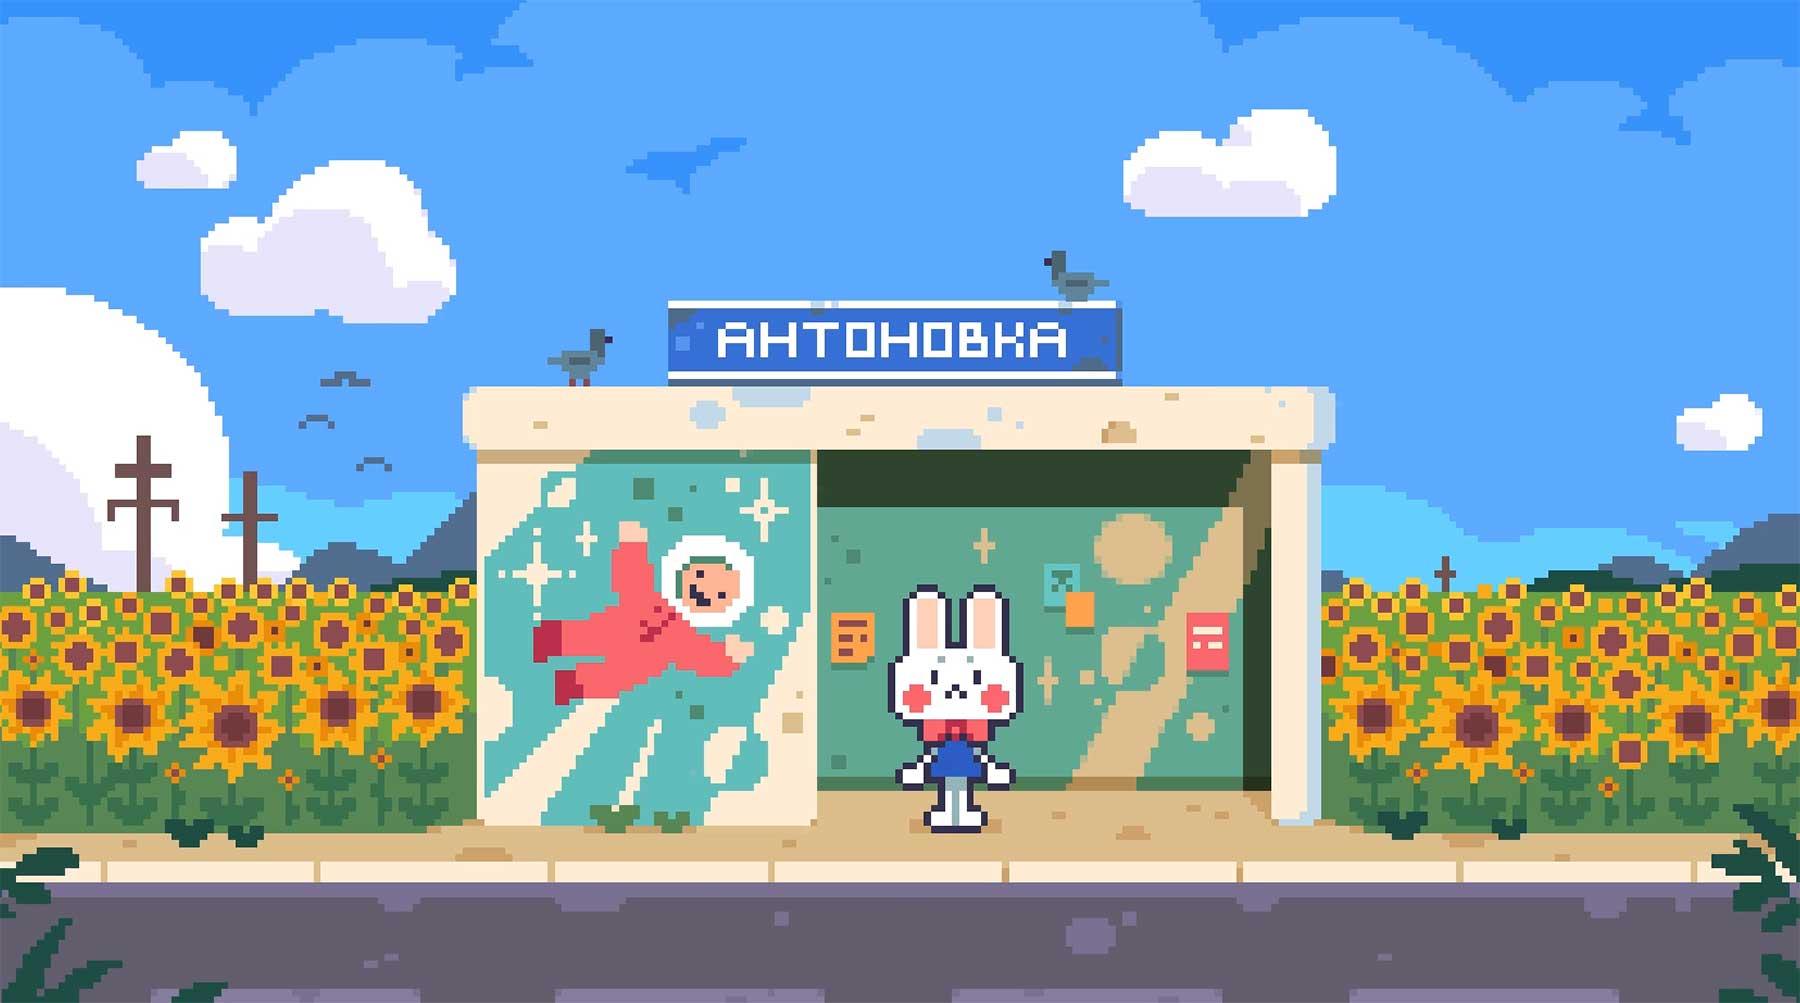 Eine animierte Ode an die Vielseitigkeit von Bushaltestellen